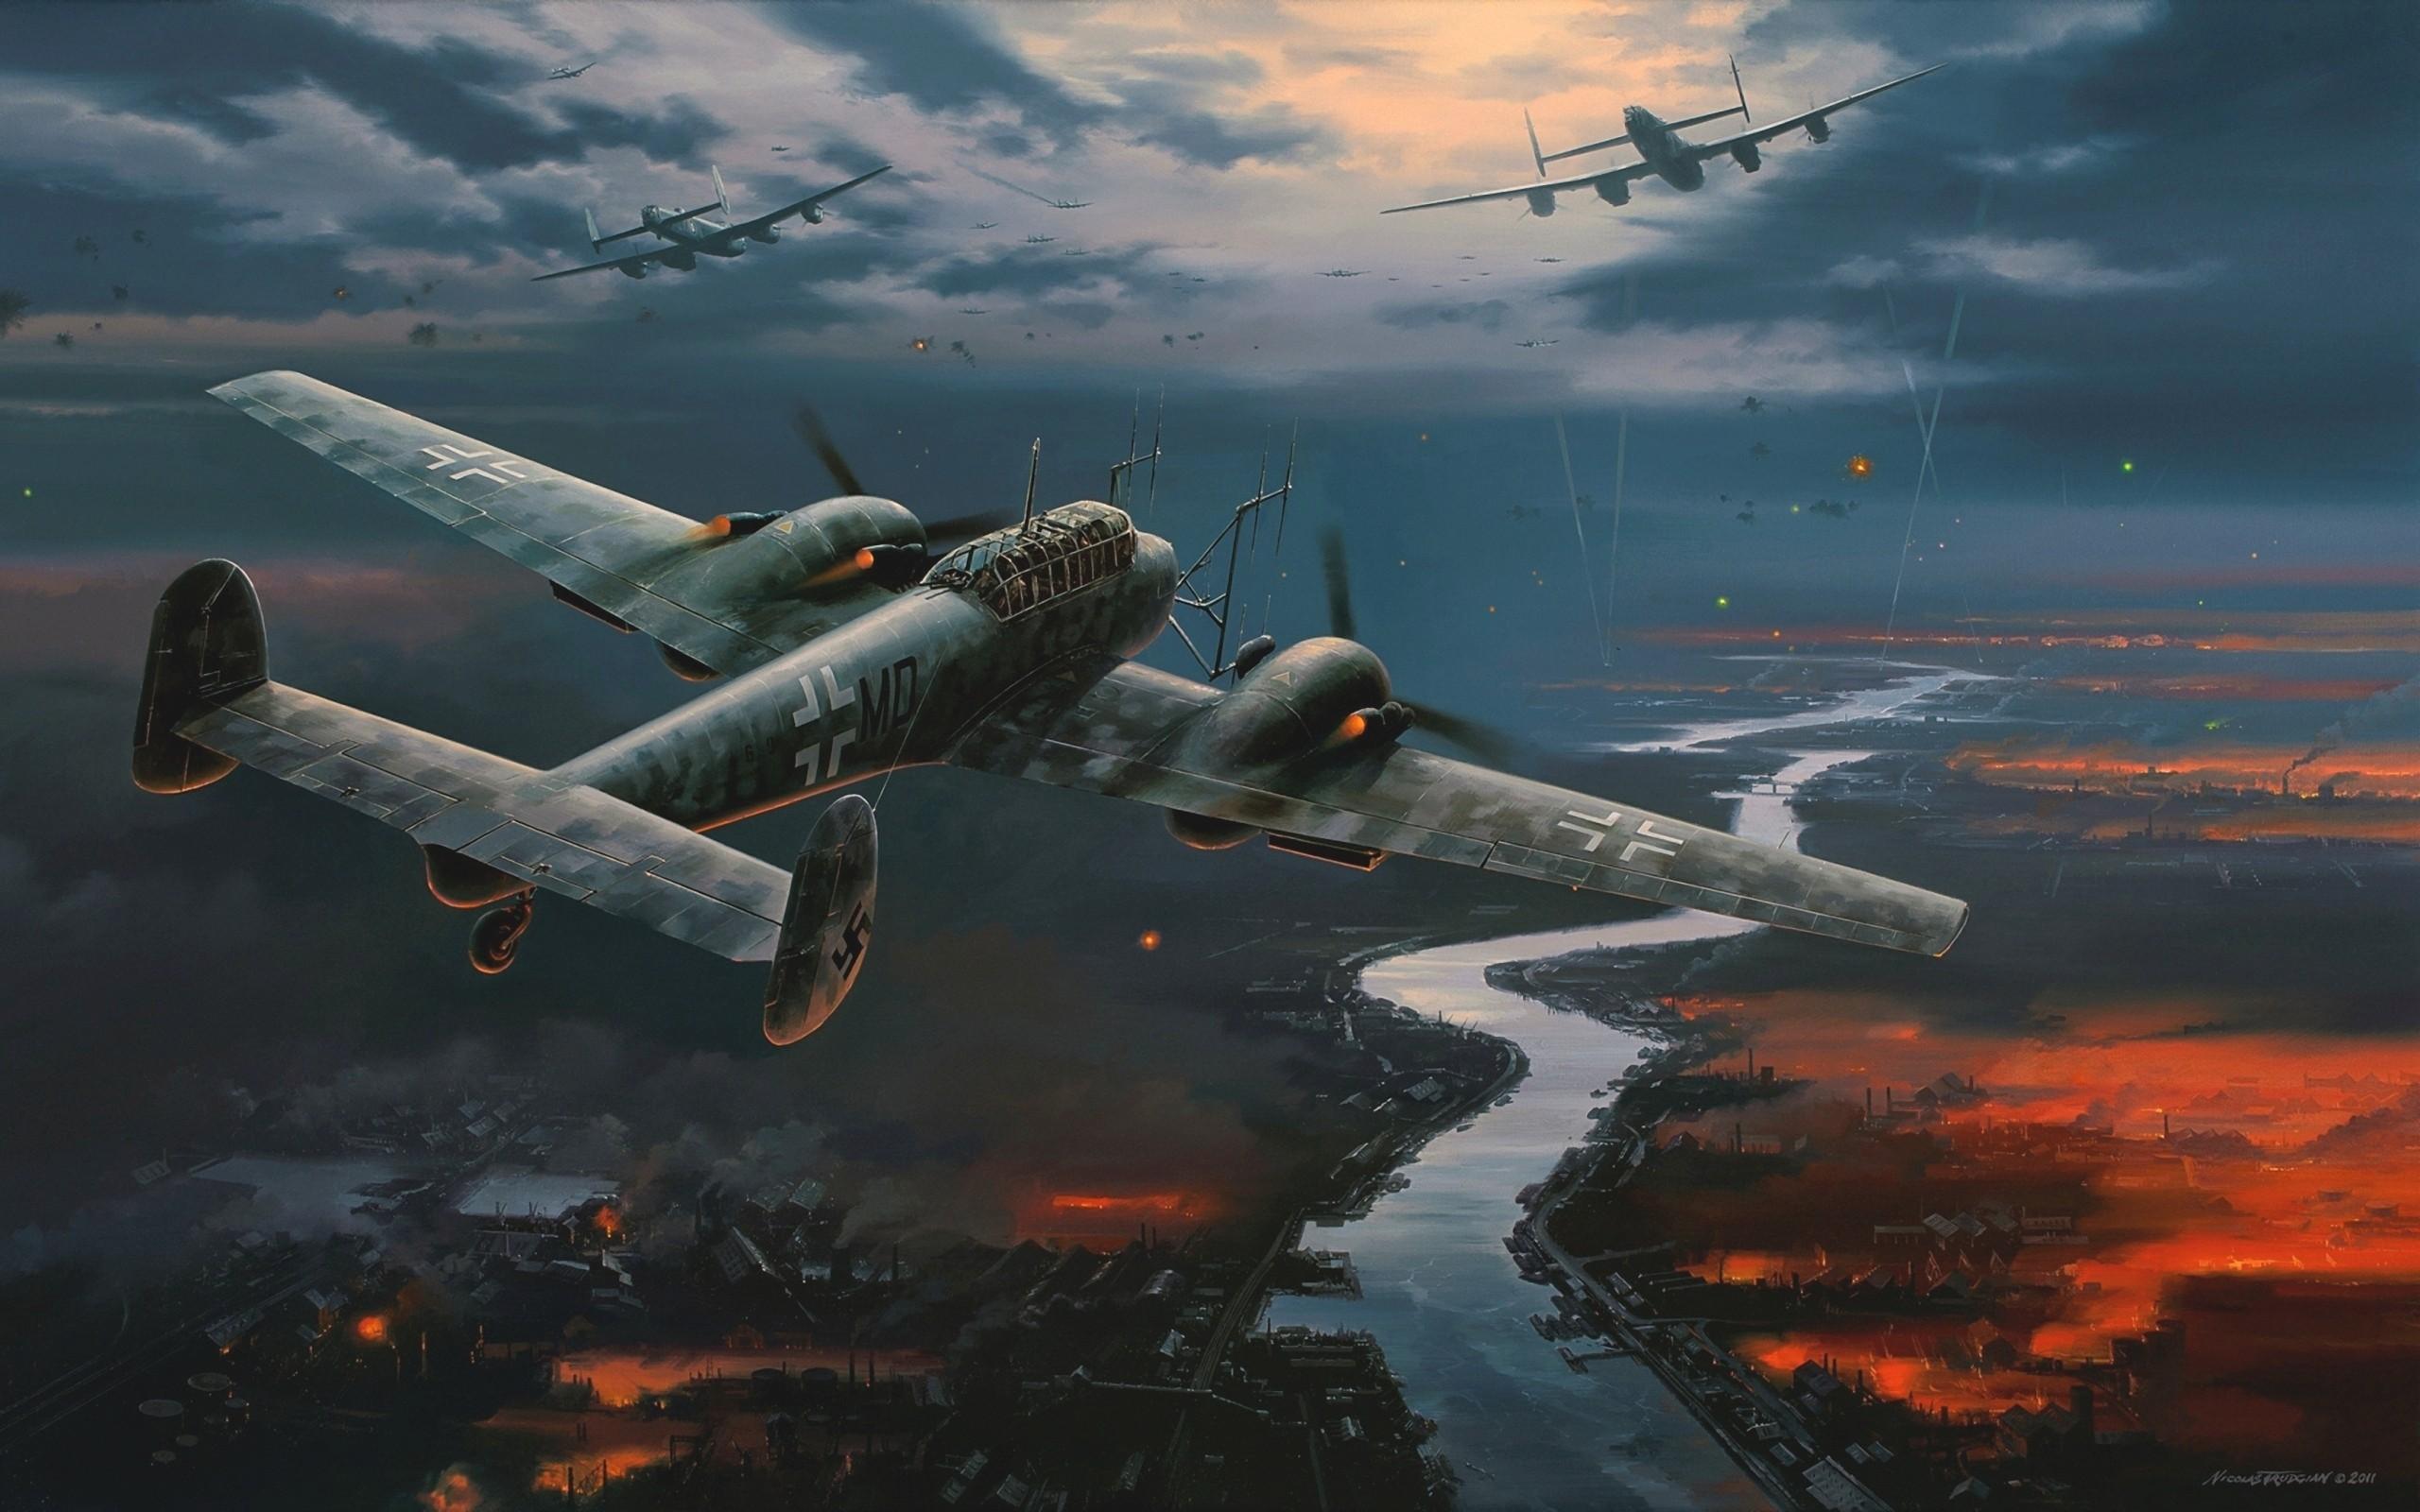 flames paintings aircraft Bomber World War II Luftwaffe 2560x1600